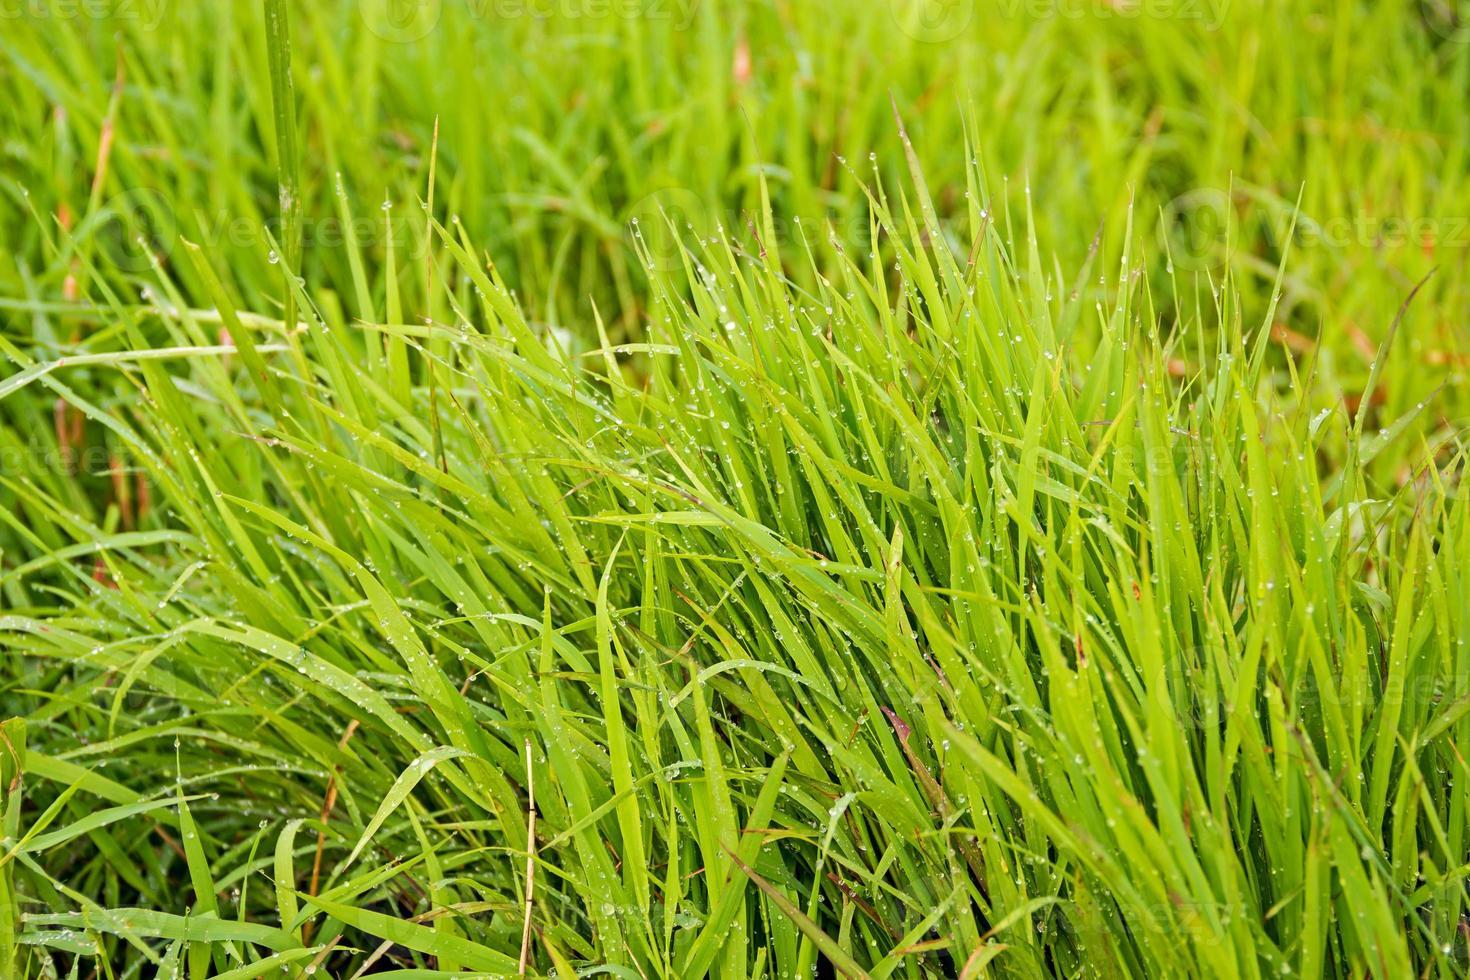 pousses vertes d'herbe de printemps dans l'eau photo